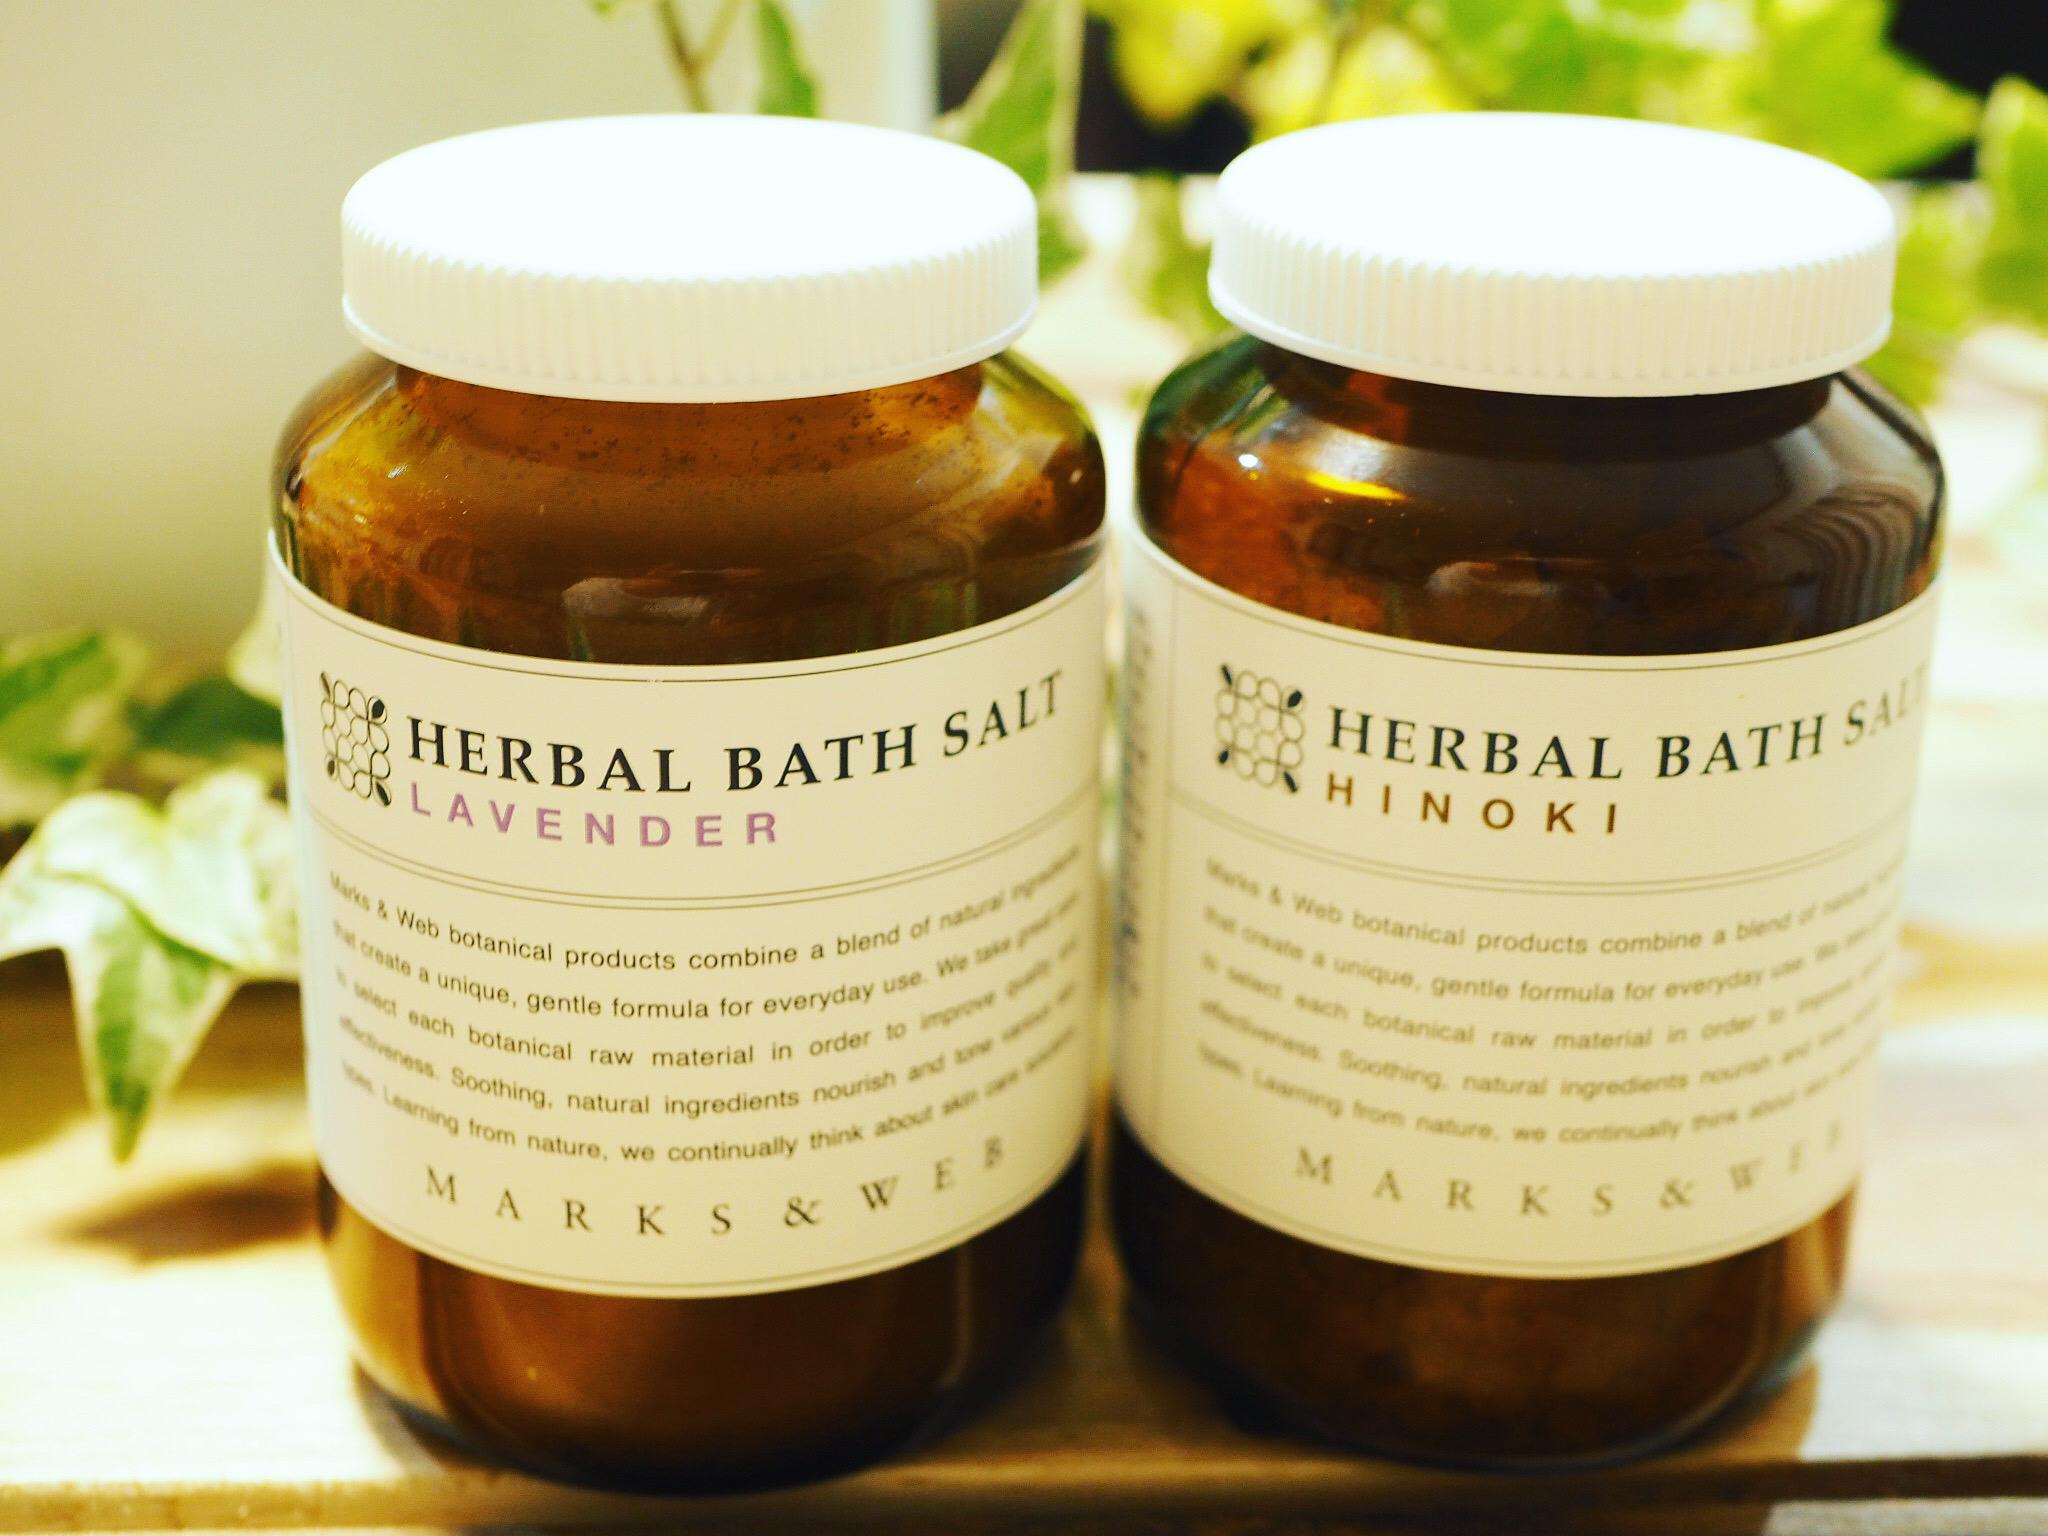 幸せのバスタイムに!【MARKS&WEB】の《ハーバルバスソルト》が美容効果・香り・保温効果と優秀✳︎_6